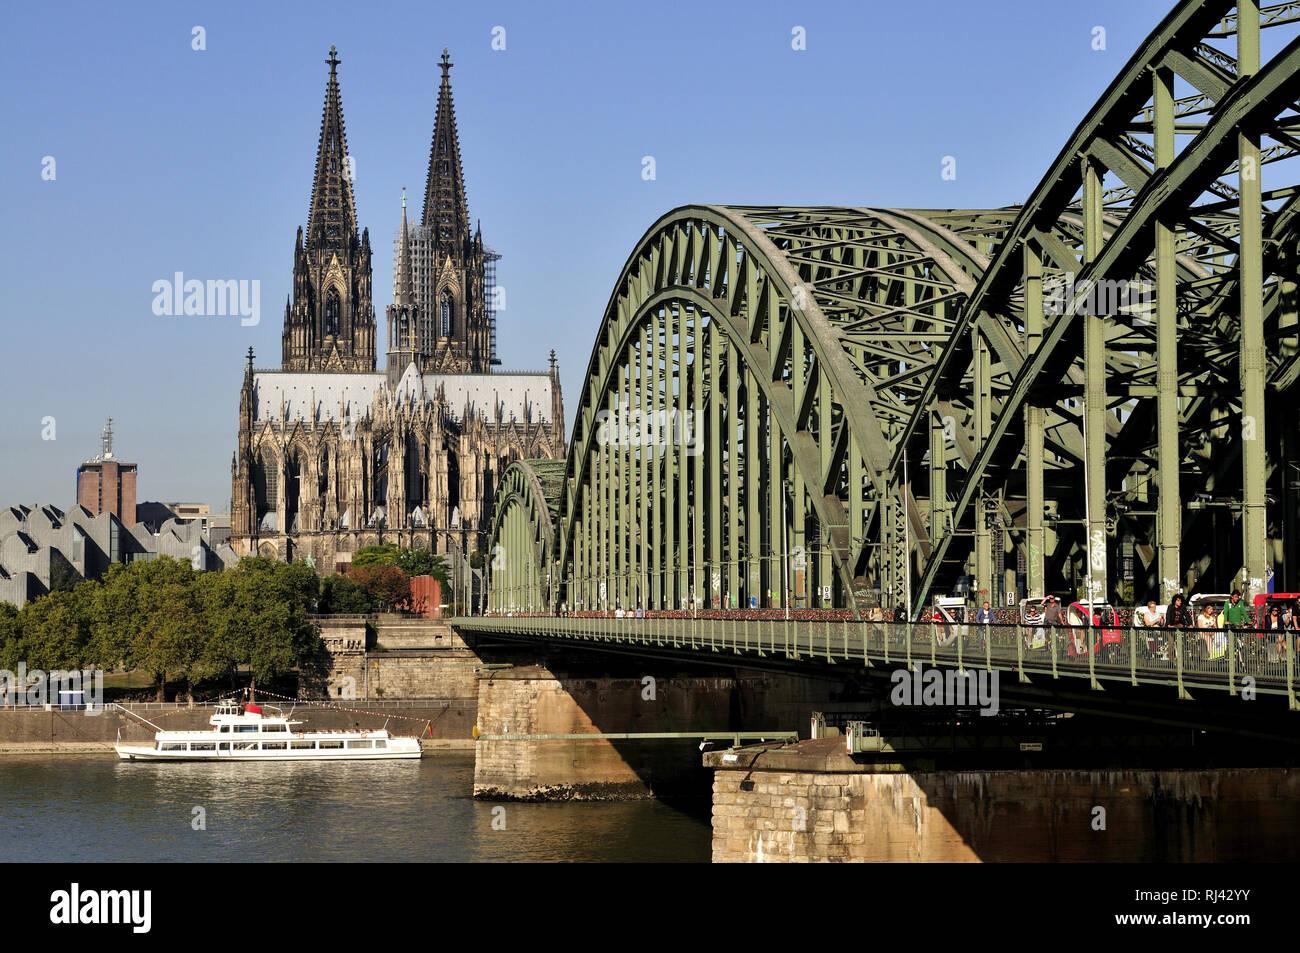 Deutschland, Nordrhein-Westfalen, Kˆln, City, Rhein und Dom, Hohenzollernbr¸cke, Stock Photo